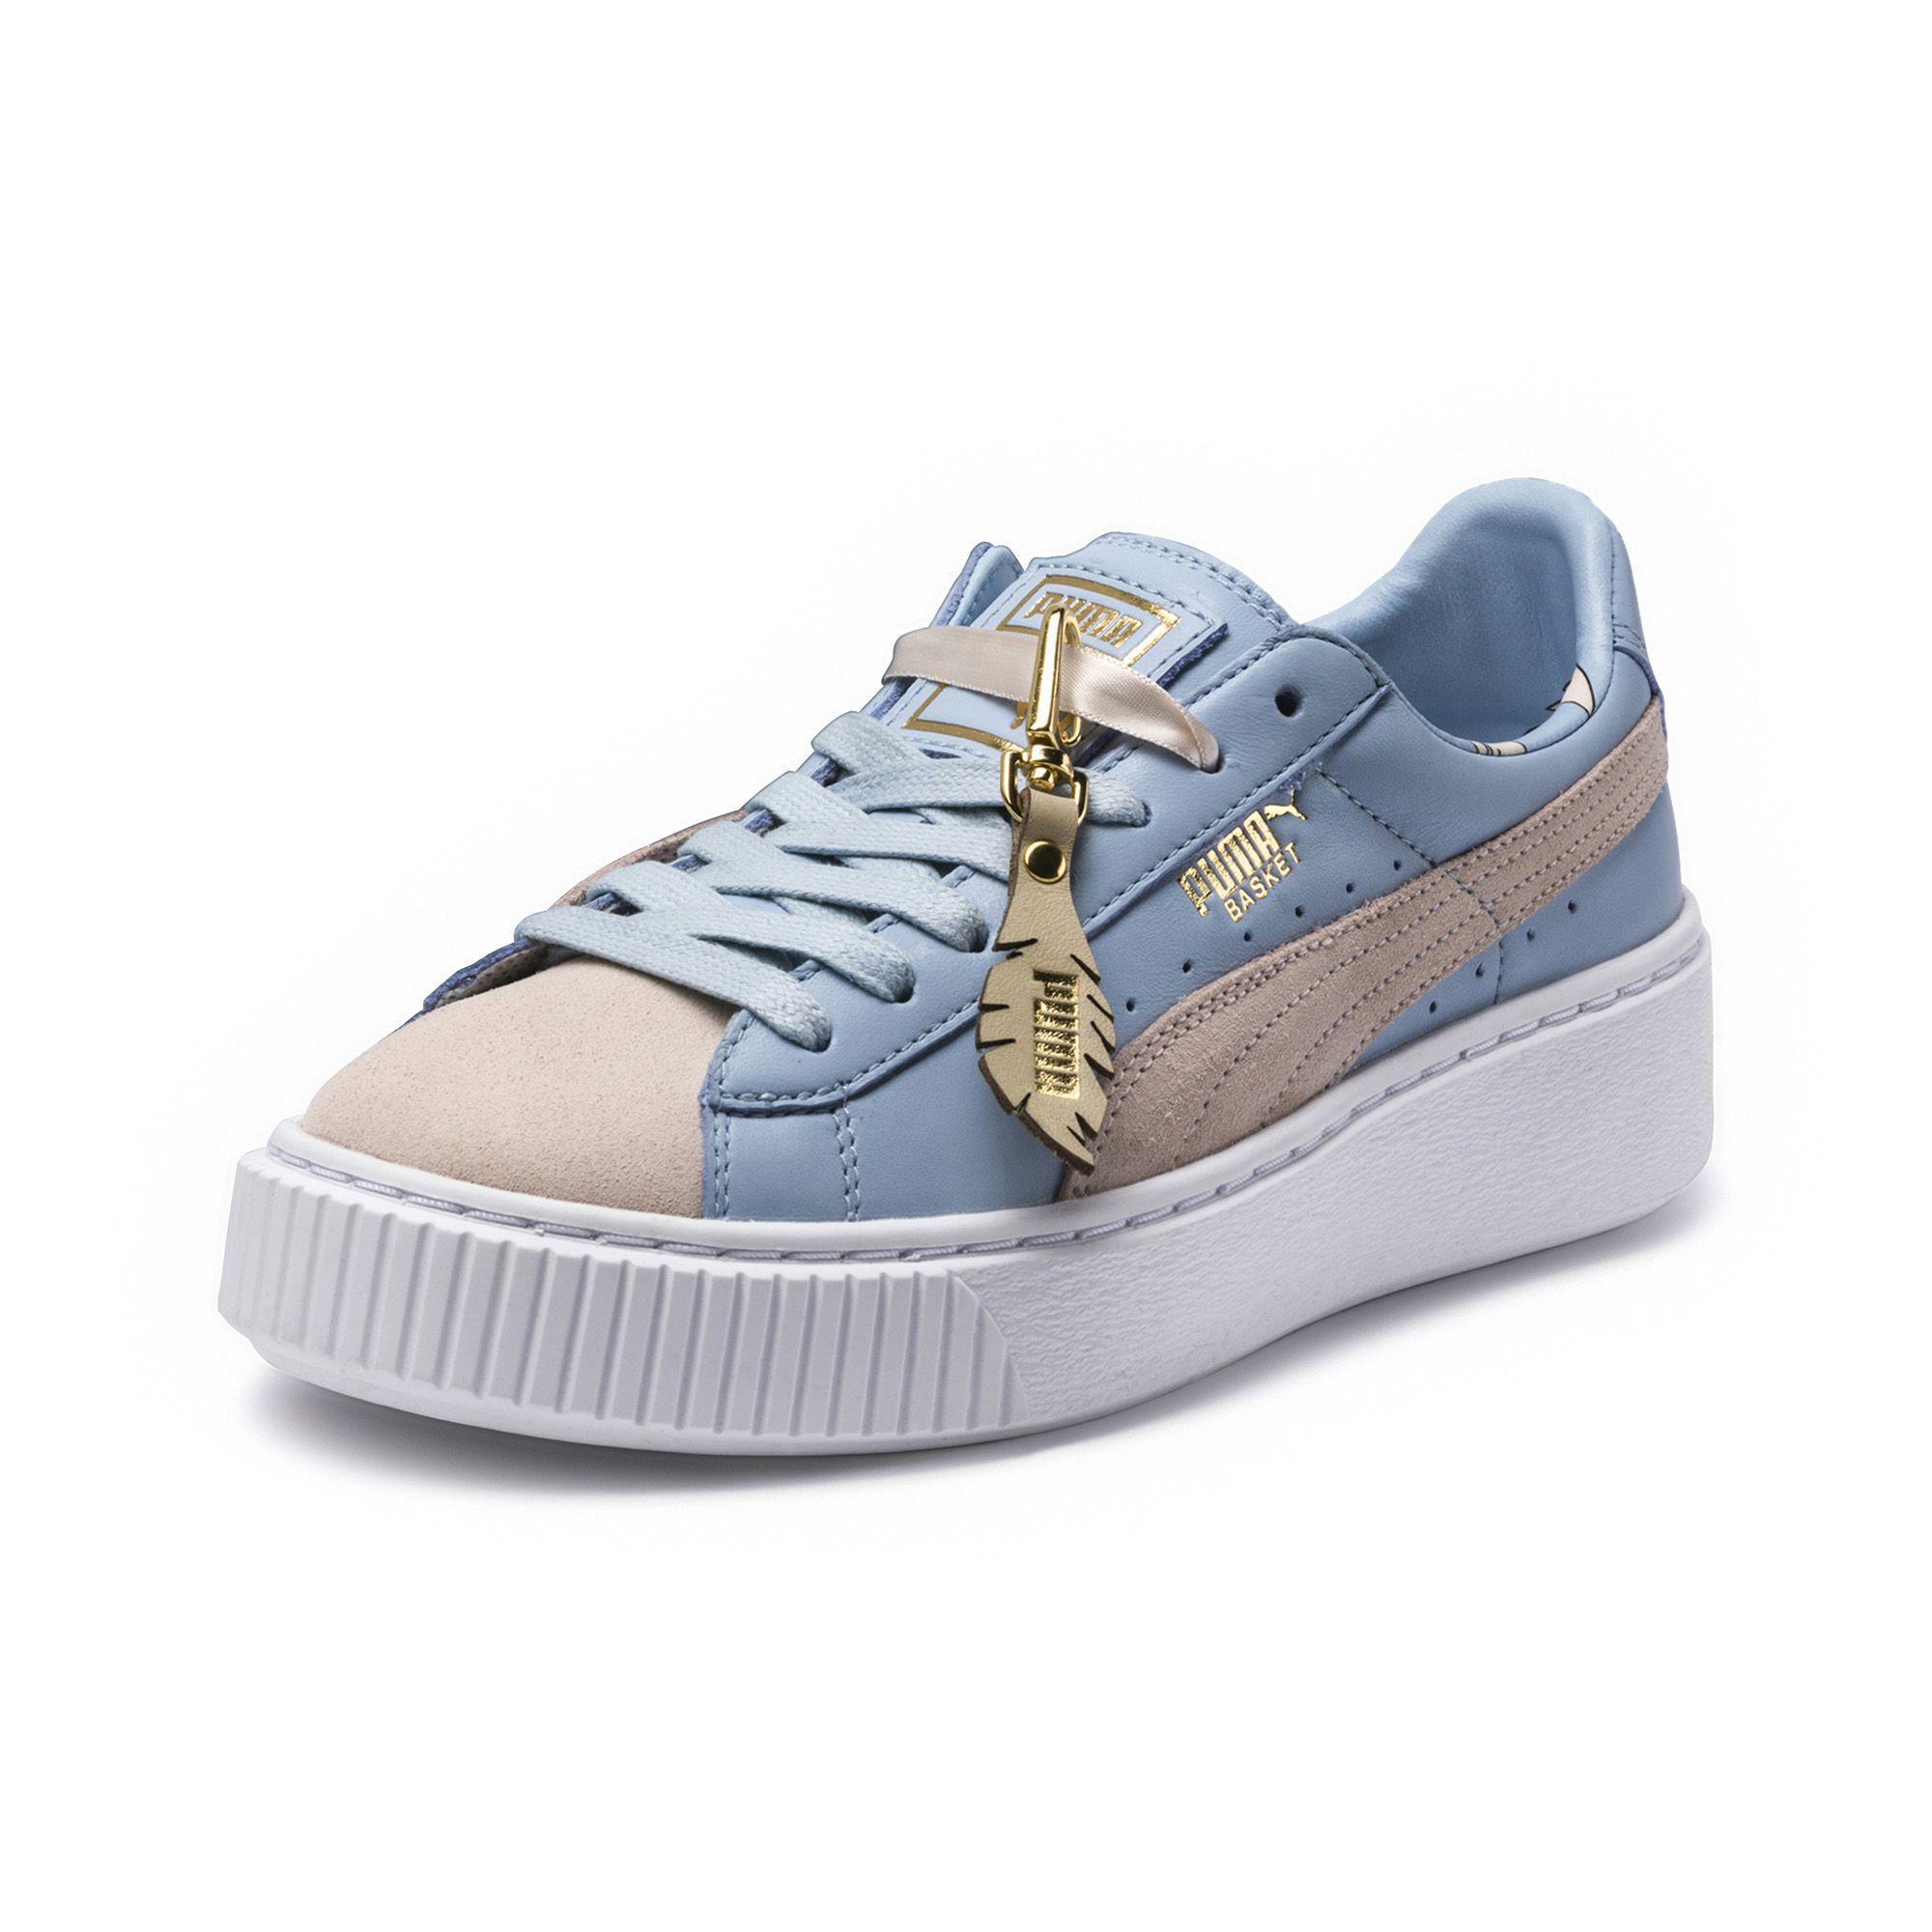 eae3722f7f6a Lyst - PUMA Basket Platform Festival Women s Sneakers in Blue